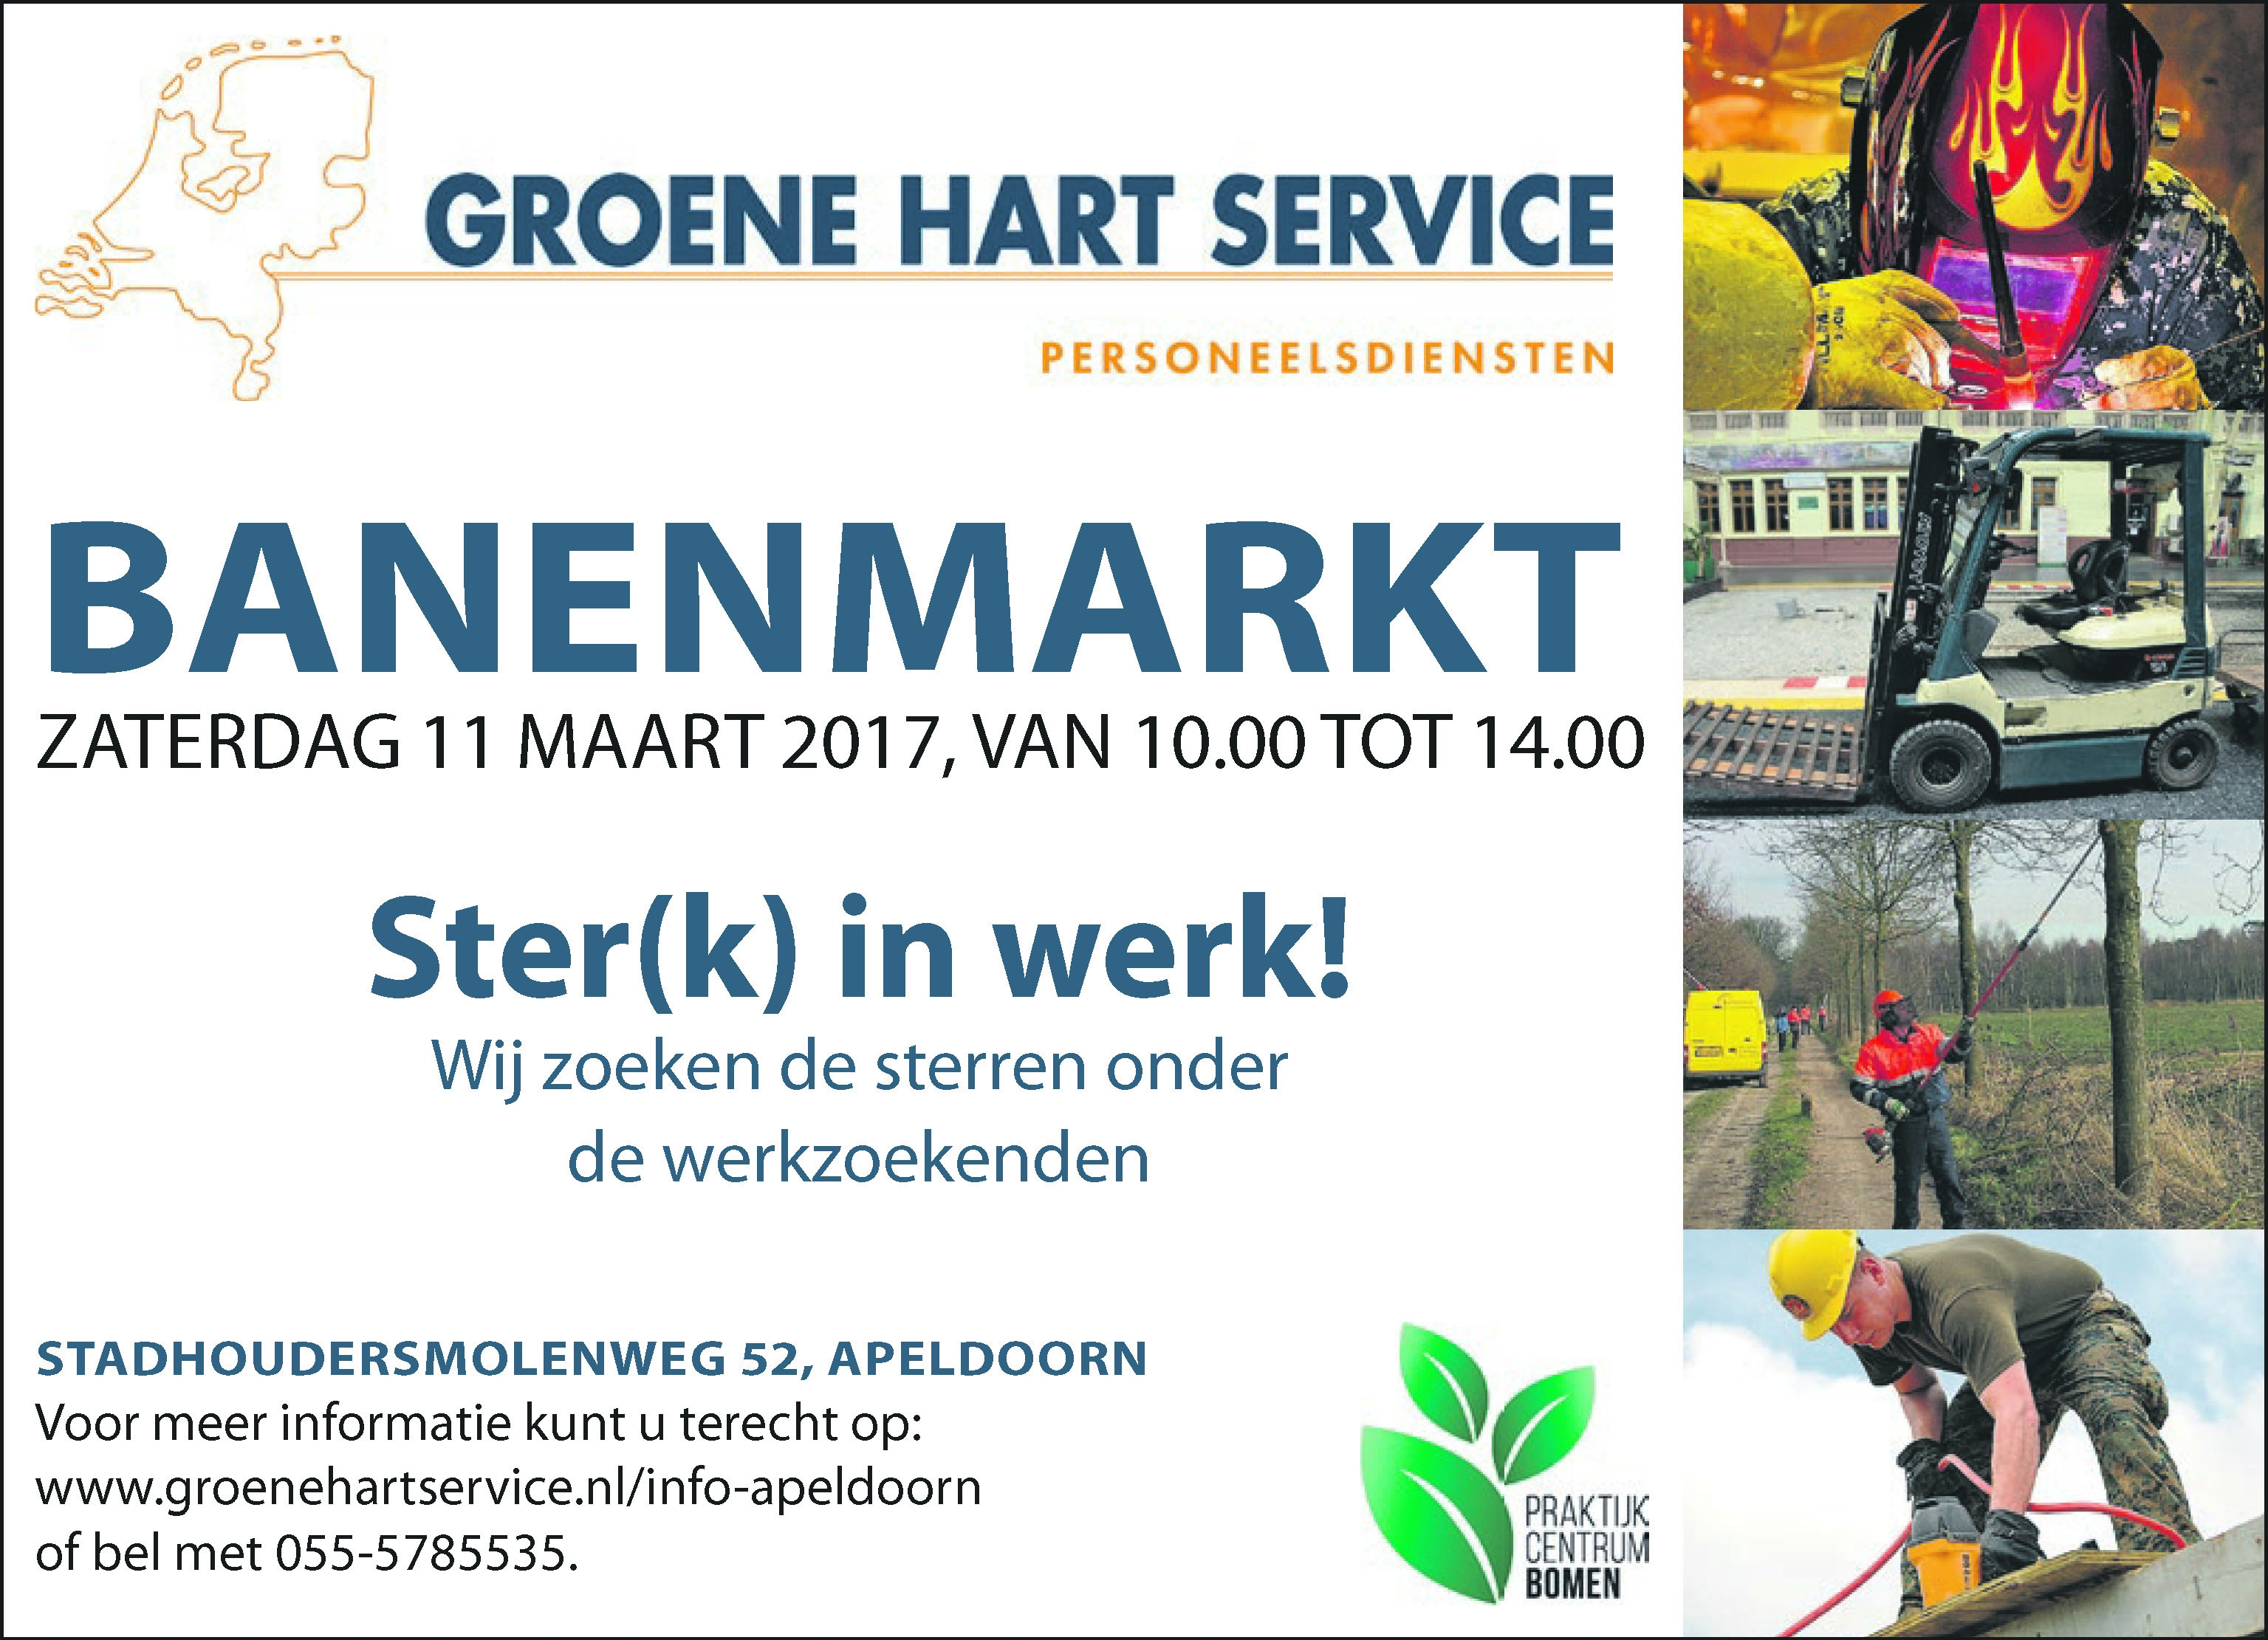 Banenmarkt 11 maart in Apeldoorn